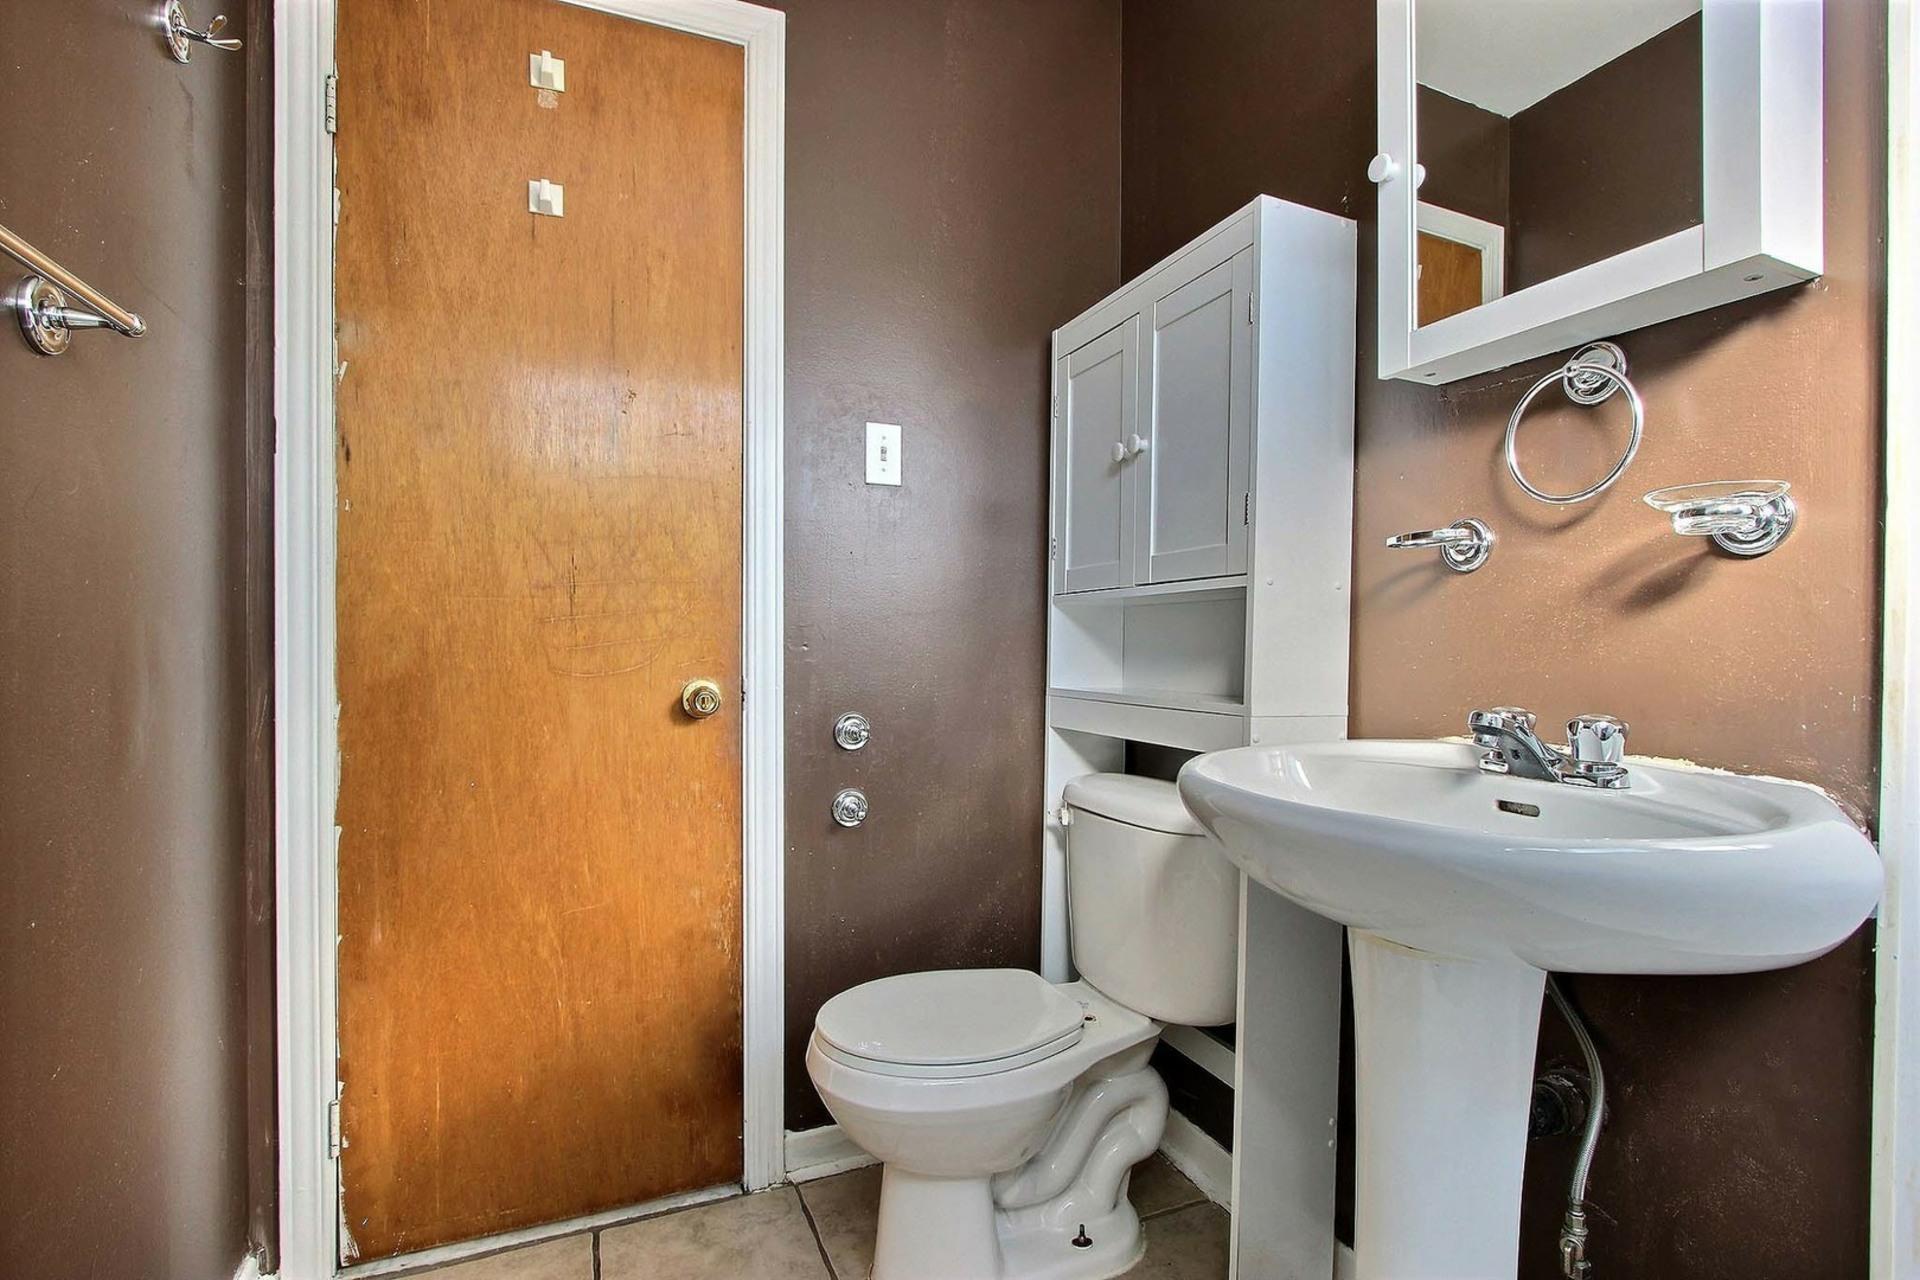 image 11 - Appartement À louer Montréal Pointe-Aux-Trembles - 5 pièces